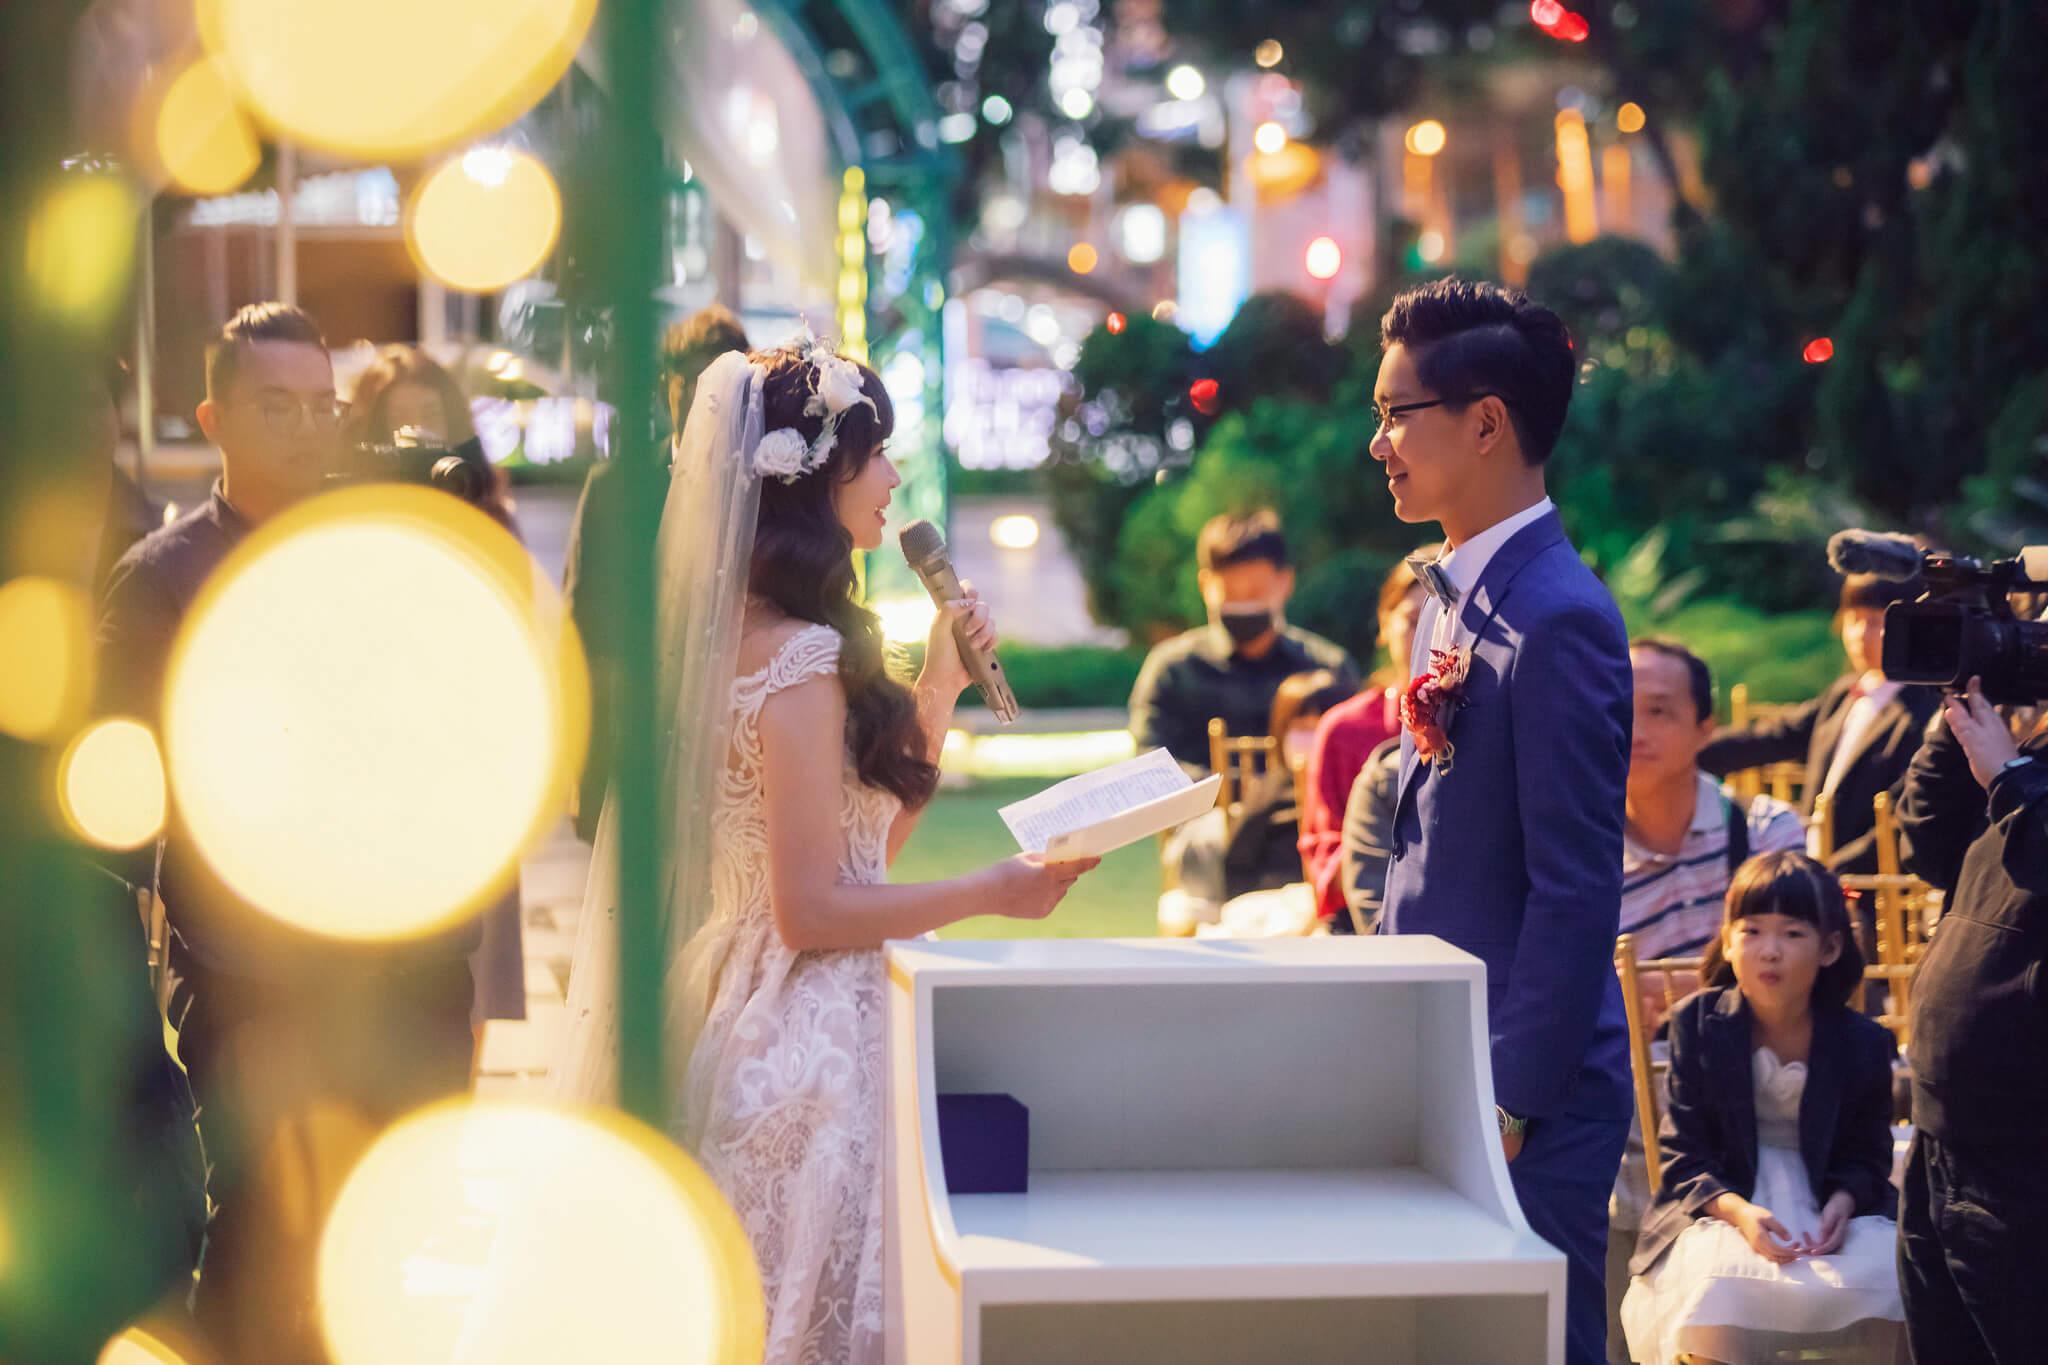 婚禮攝影,台北婚攝,維多麗亞婚攝,維多麗亞婚宴攝影,婚攝推薦,婚攝ptt推薦,婚攝作品,婚攝價格,臉紅紅婚攝,維多麗亞婚禮